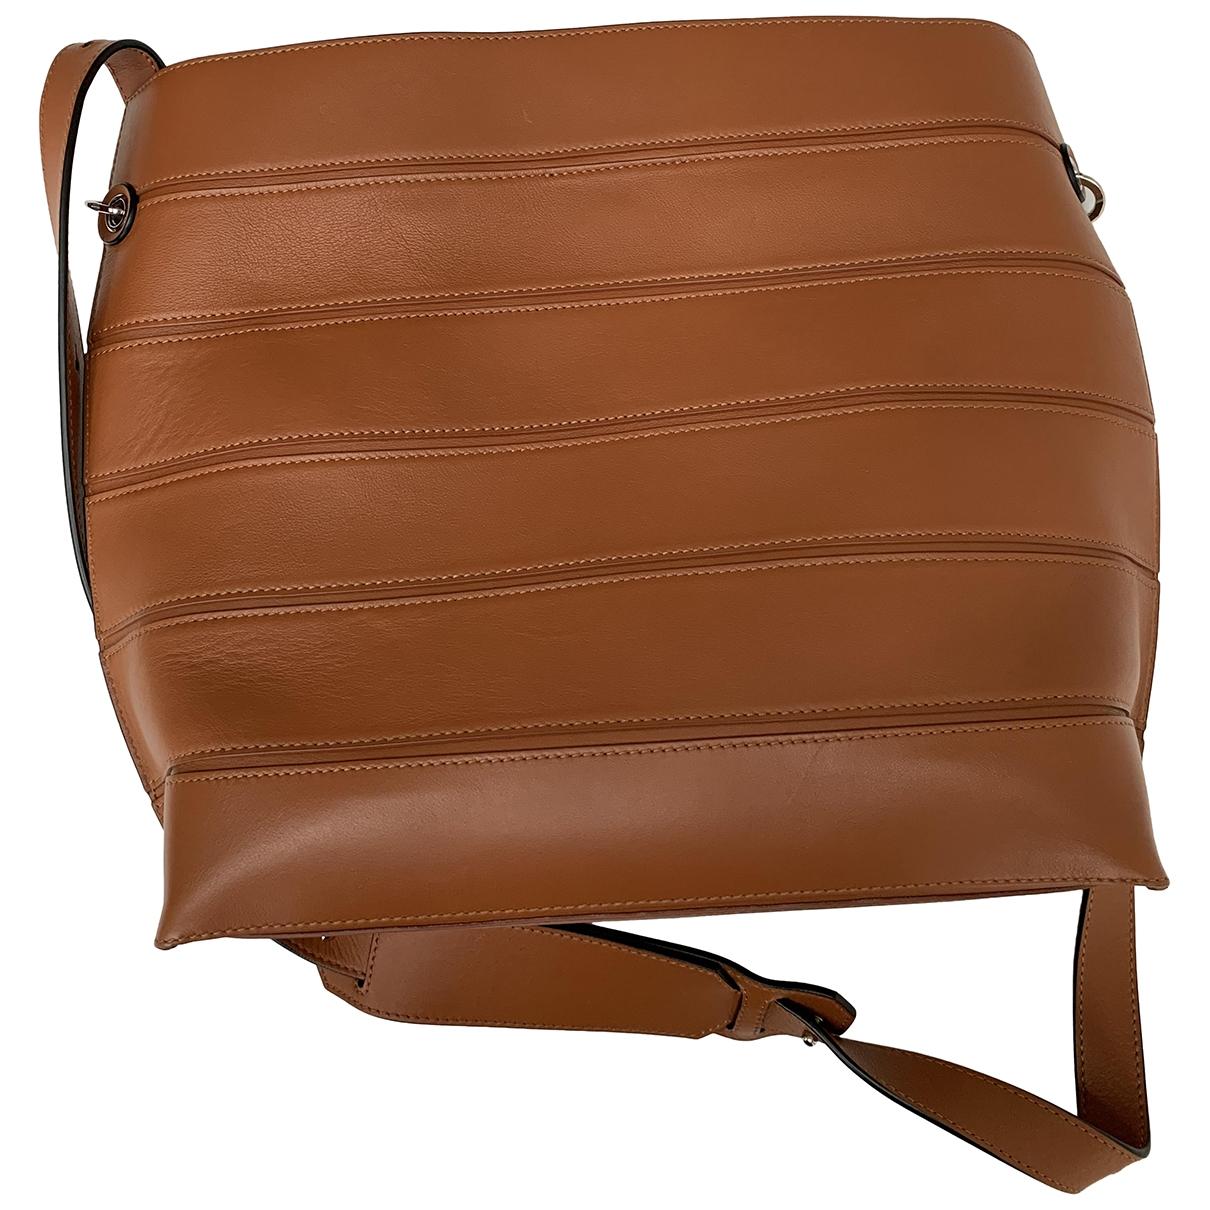 Loewe \N Handtasche in  Kamel Leder